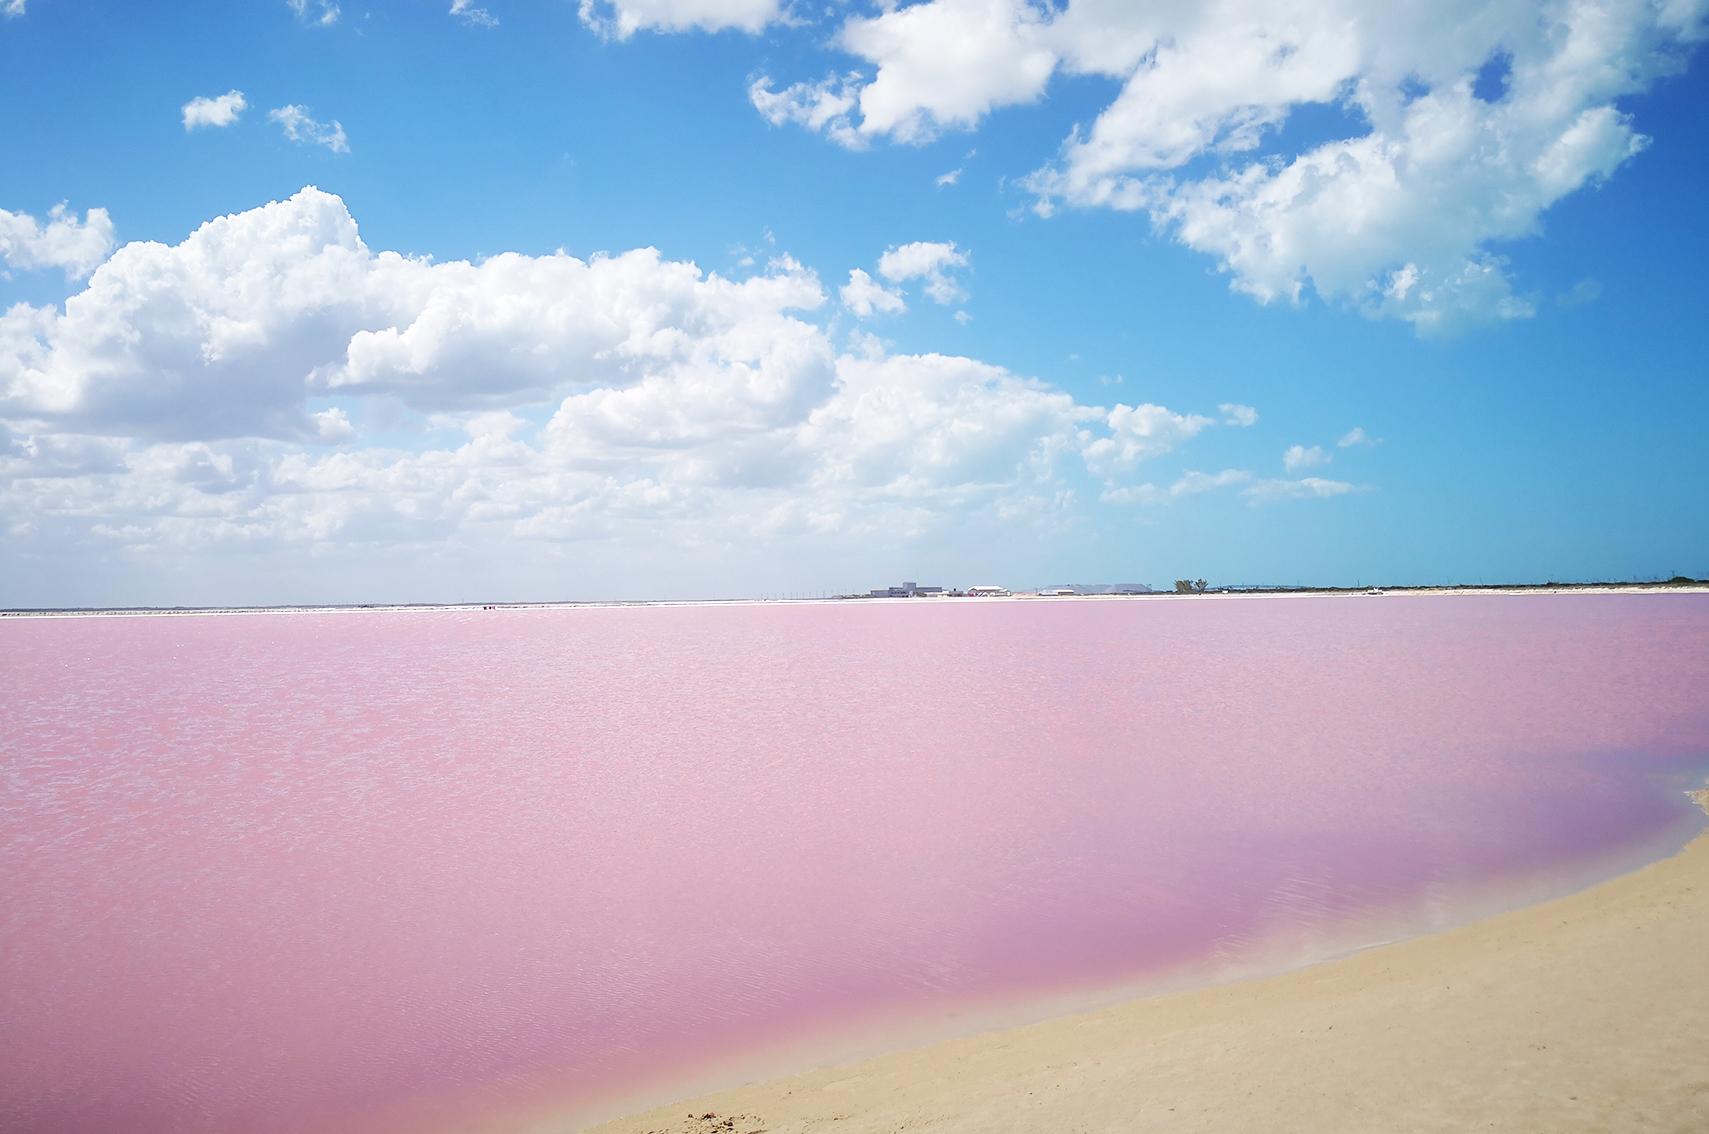 Voyage au mexique conseils : Las coloradas, Rio lagartos, Yucatan